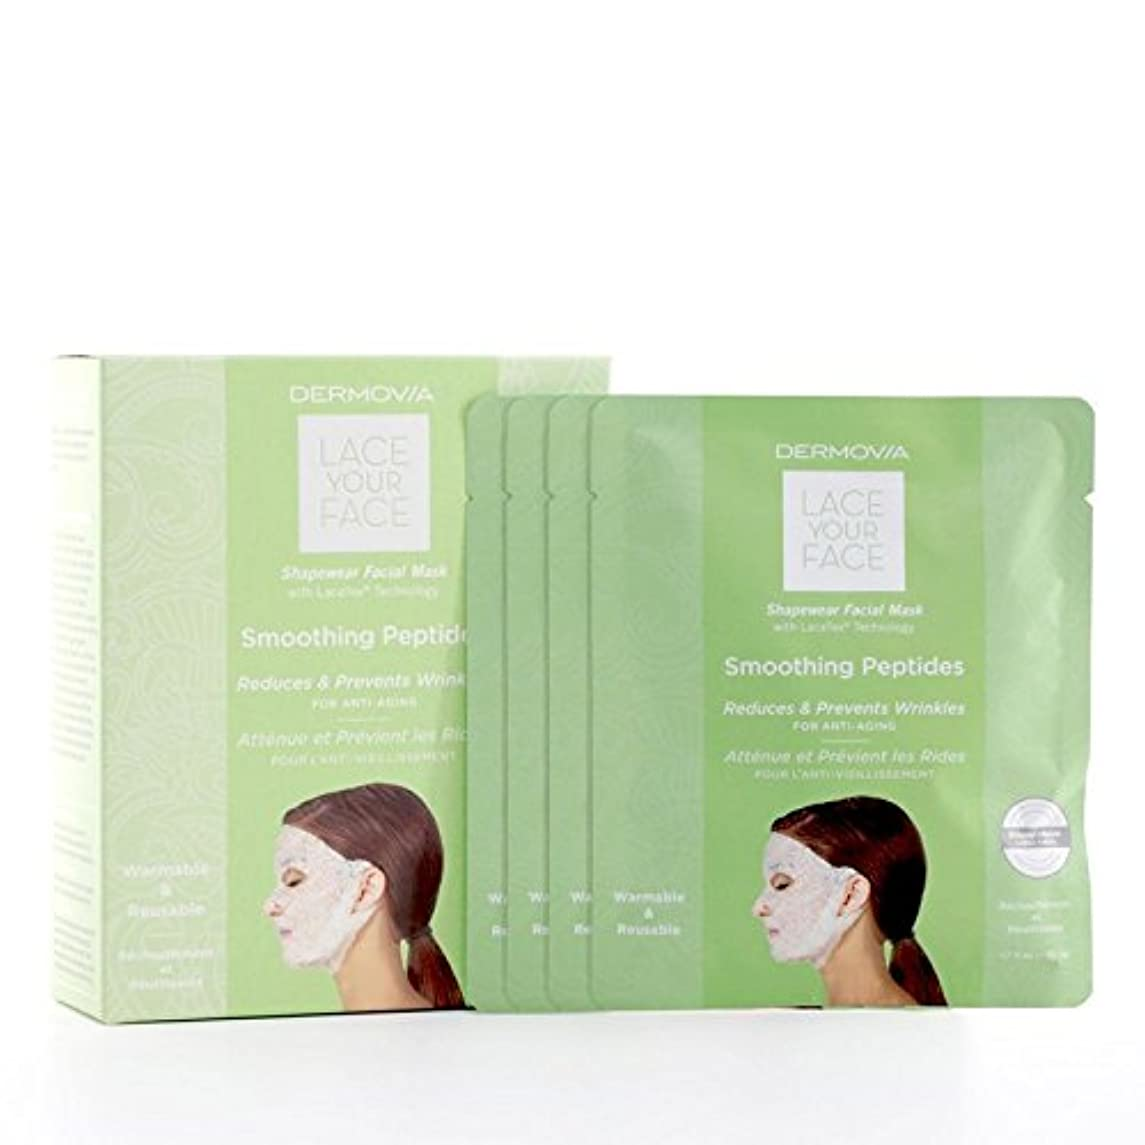 追い払う保育園役割は、あなたの顔の圧縮フェイシャルマスク平滑化ペプチドをひもで締めます x2 - Dermovia Lace Your Face Compression Facial Mask Smoothing Peptides (Pack...